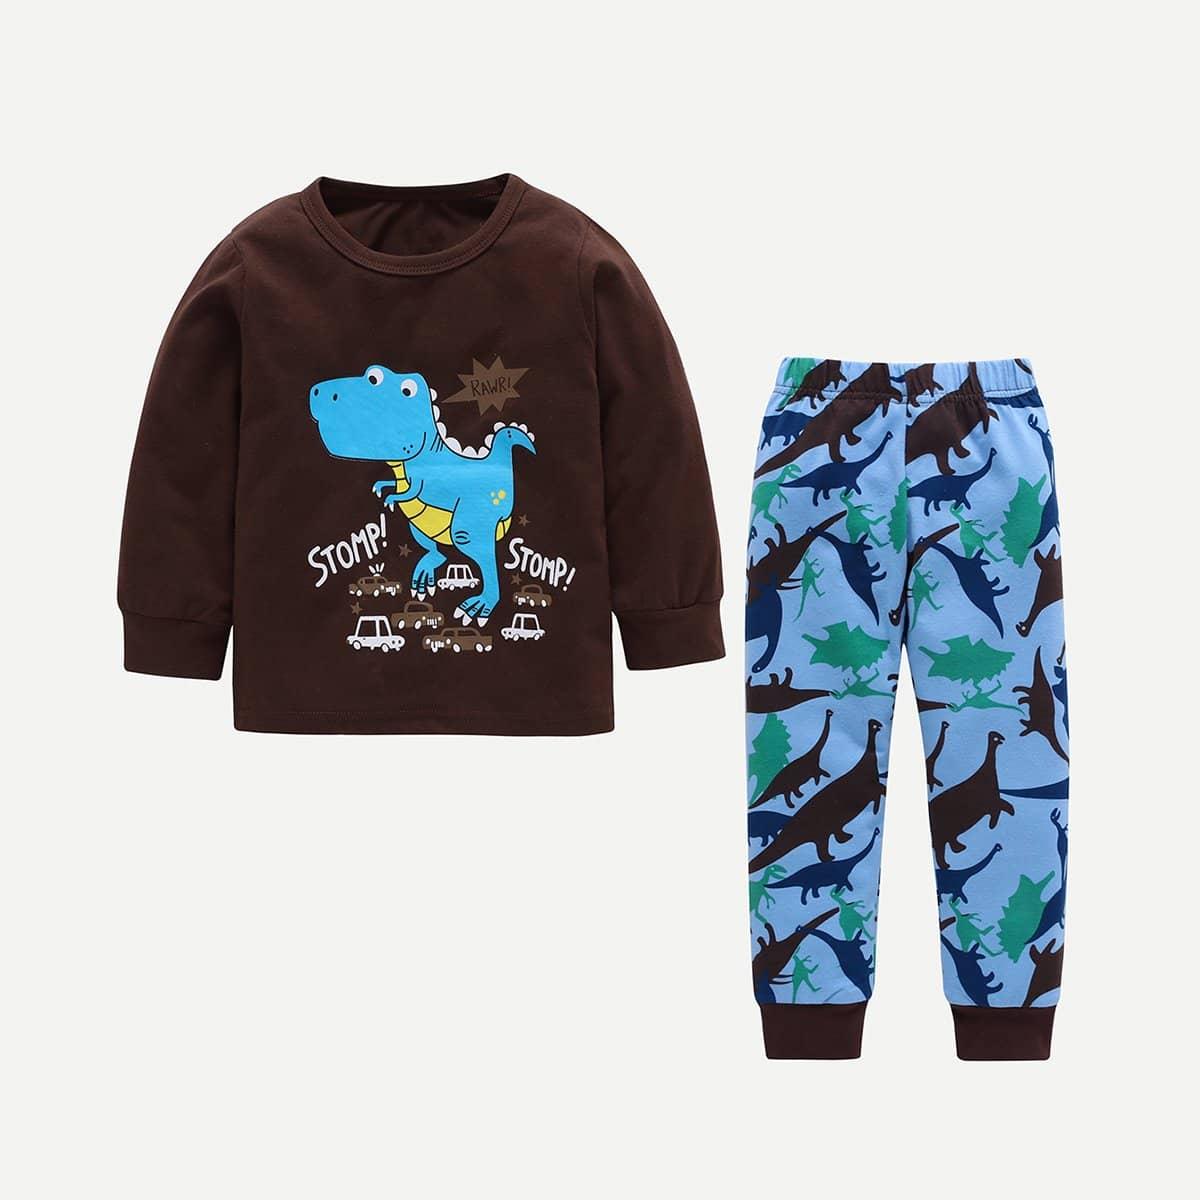 Блуза с принтом динозавра и букв и брюки для плода мужского рода от SHEIN